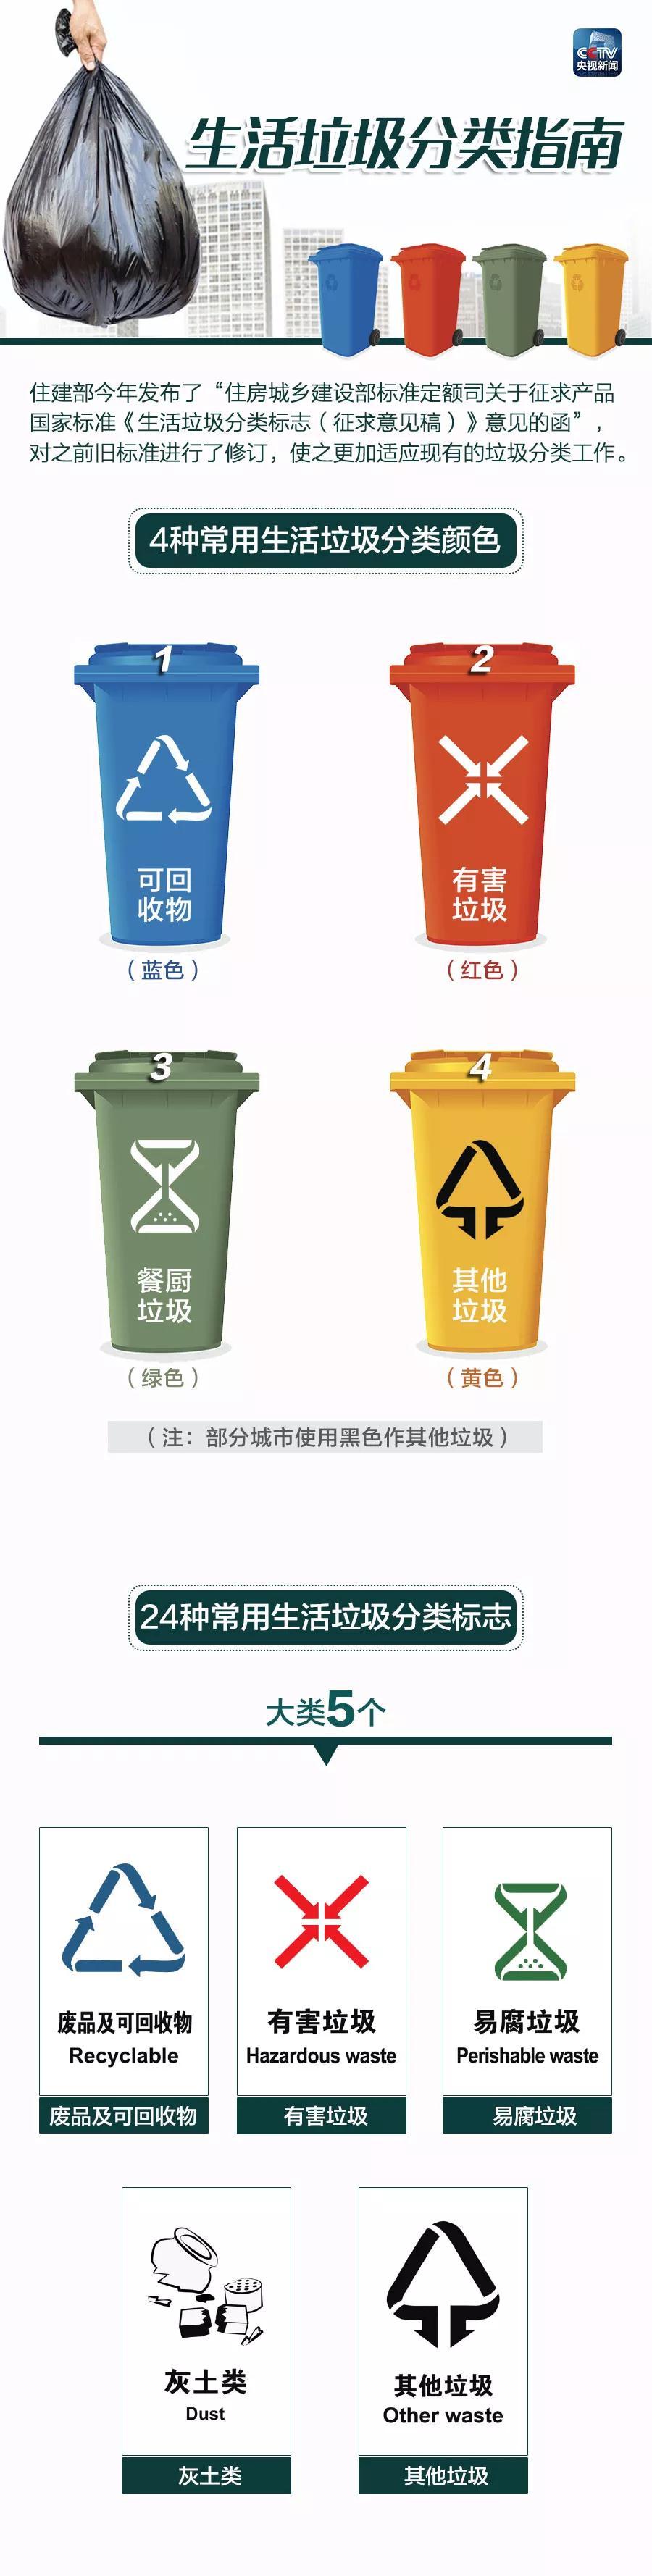 丢垃圾不分类或将多交费 你真的会丢垃圾吗?